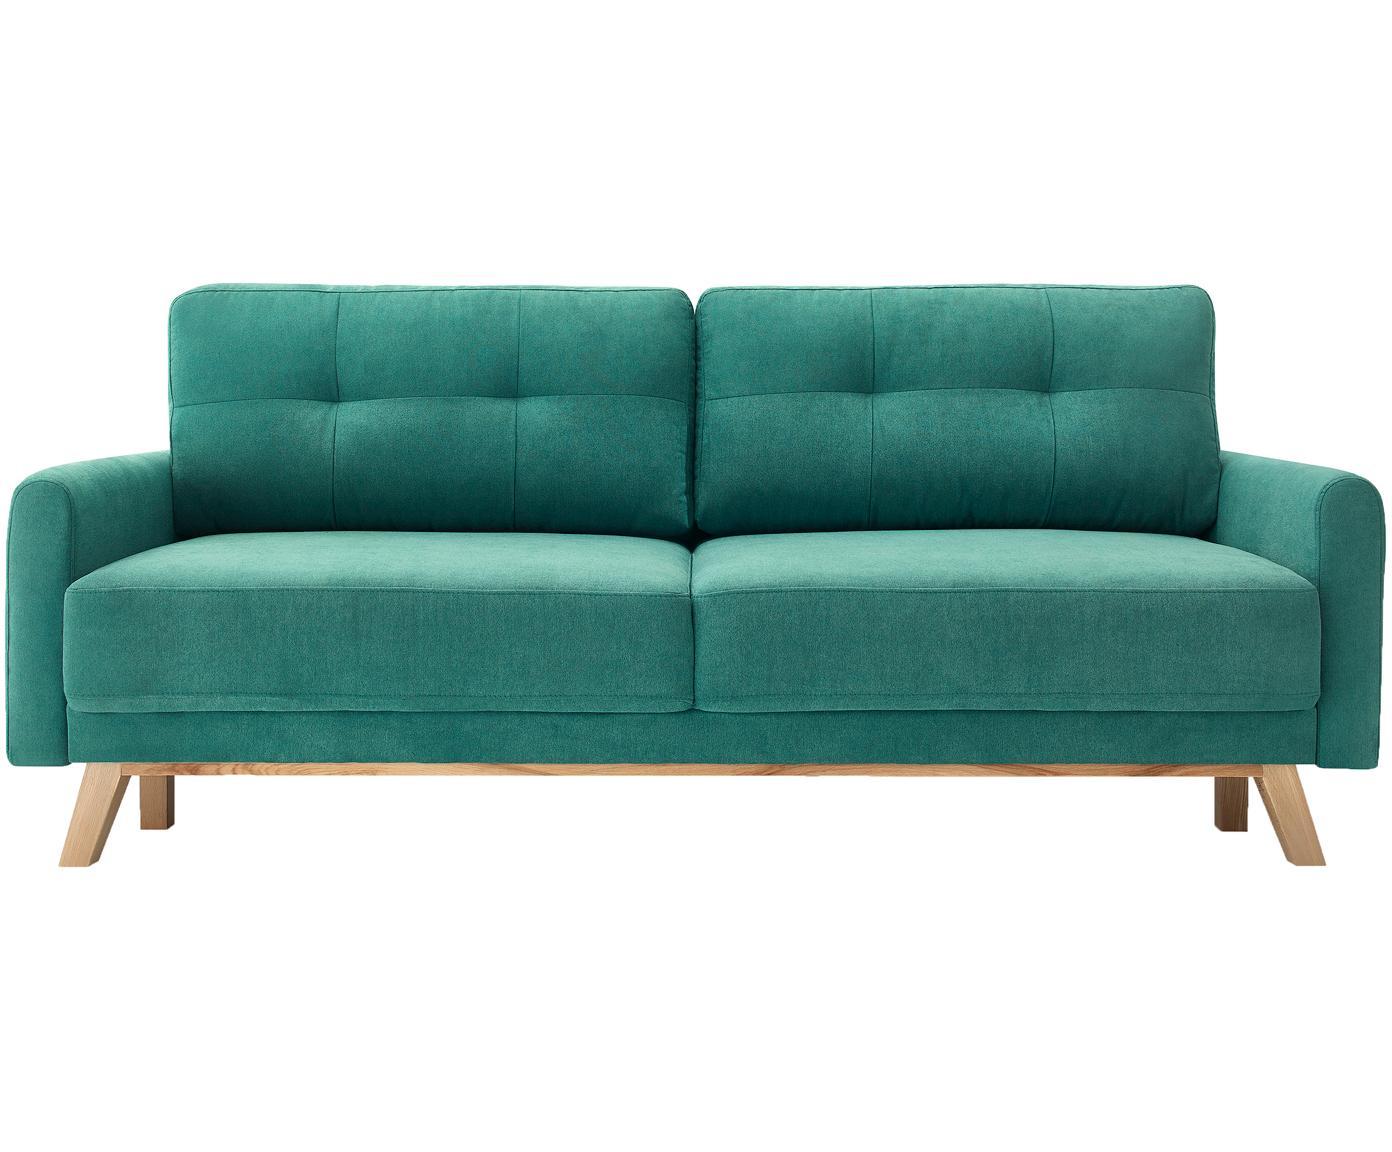 Sofa rozkładana z aksamitu Balio (3-osobowa), Tapicerka: 100% aksamit poliestrowy, Nogi: metal lakierowany, Szmaragdowy, S 216 x G 86 cm